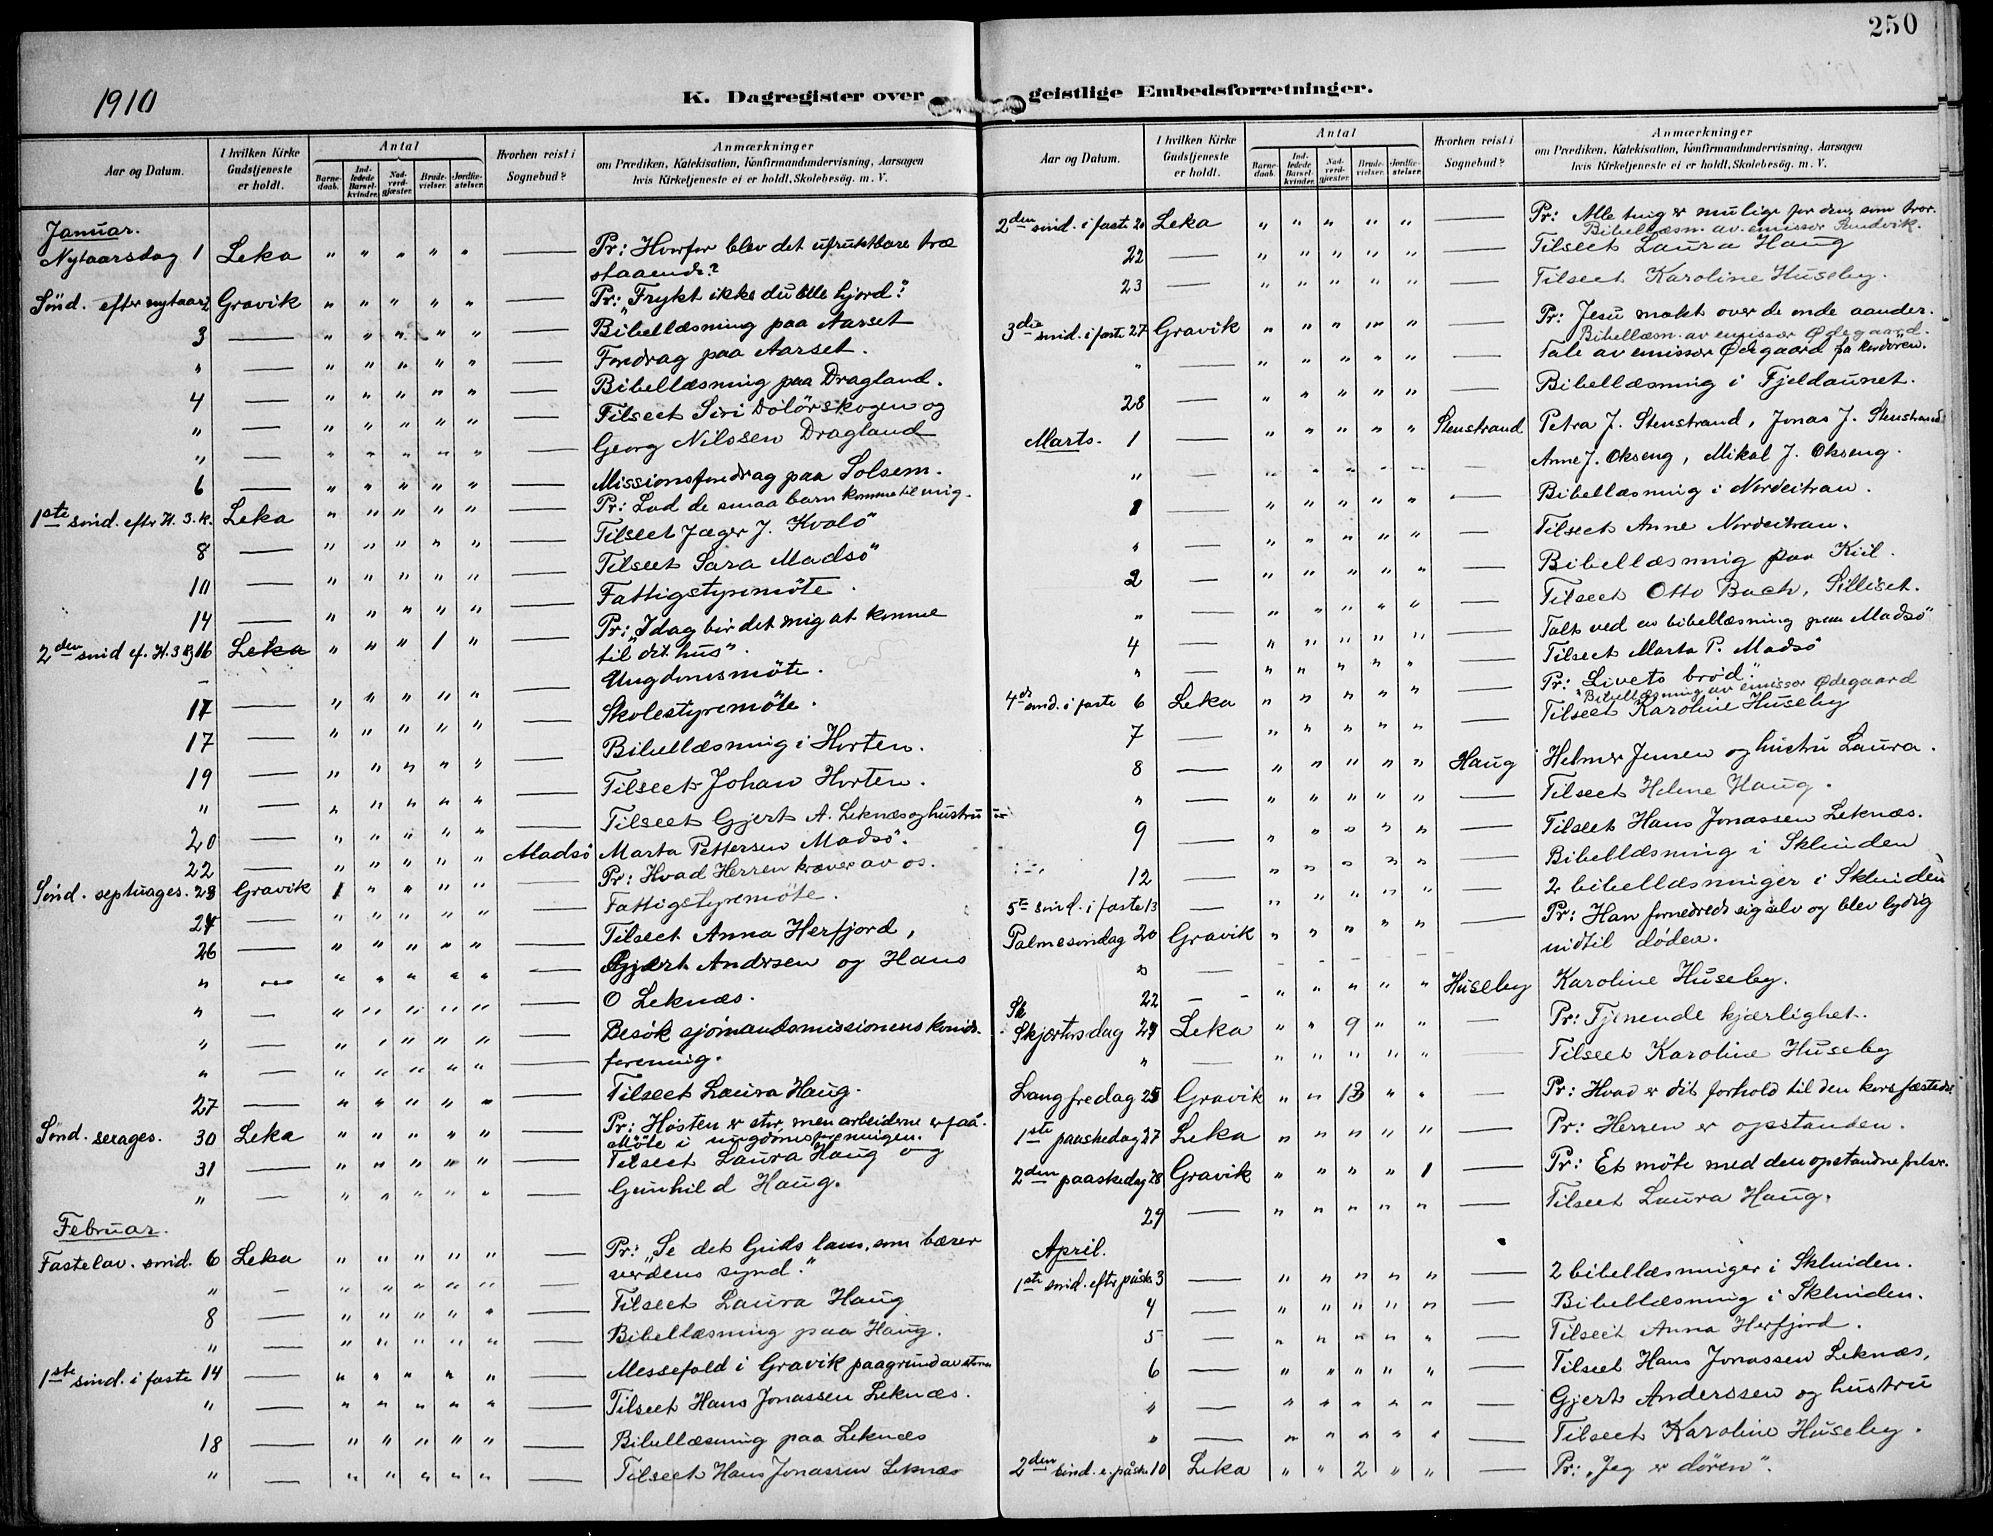 SAT, Ministerialprotokoller, klokkerbøker og fødselsregistre - Nord-Trøndelag, 788/L0698: Ministerialbok nr. 788A05, 1902-1921, s. 250